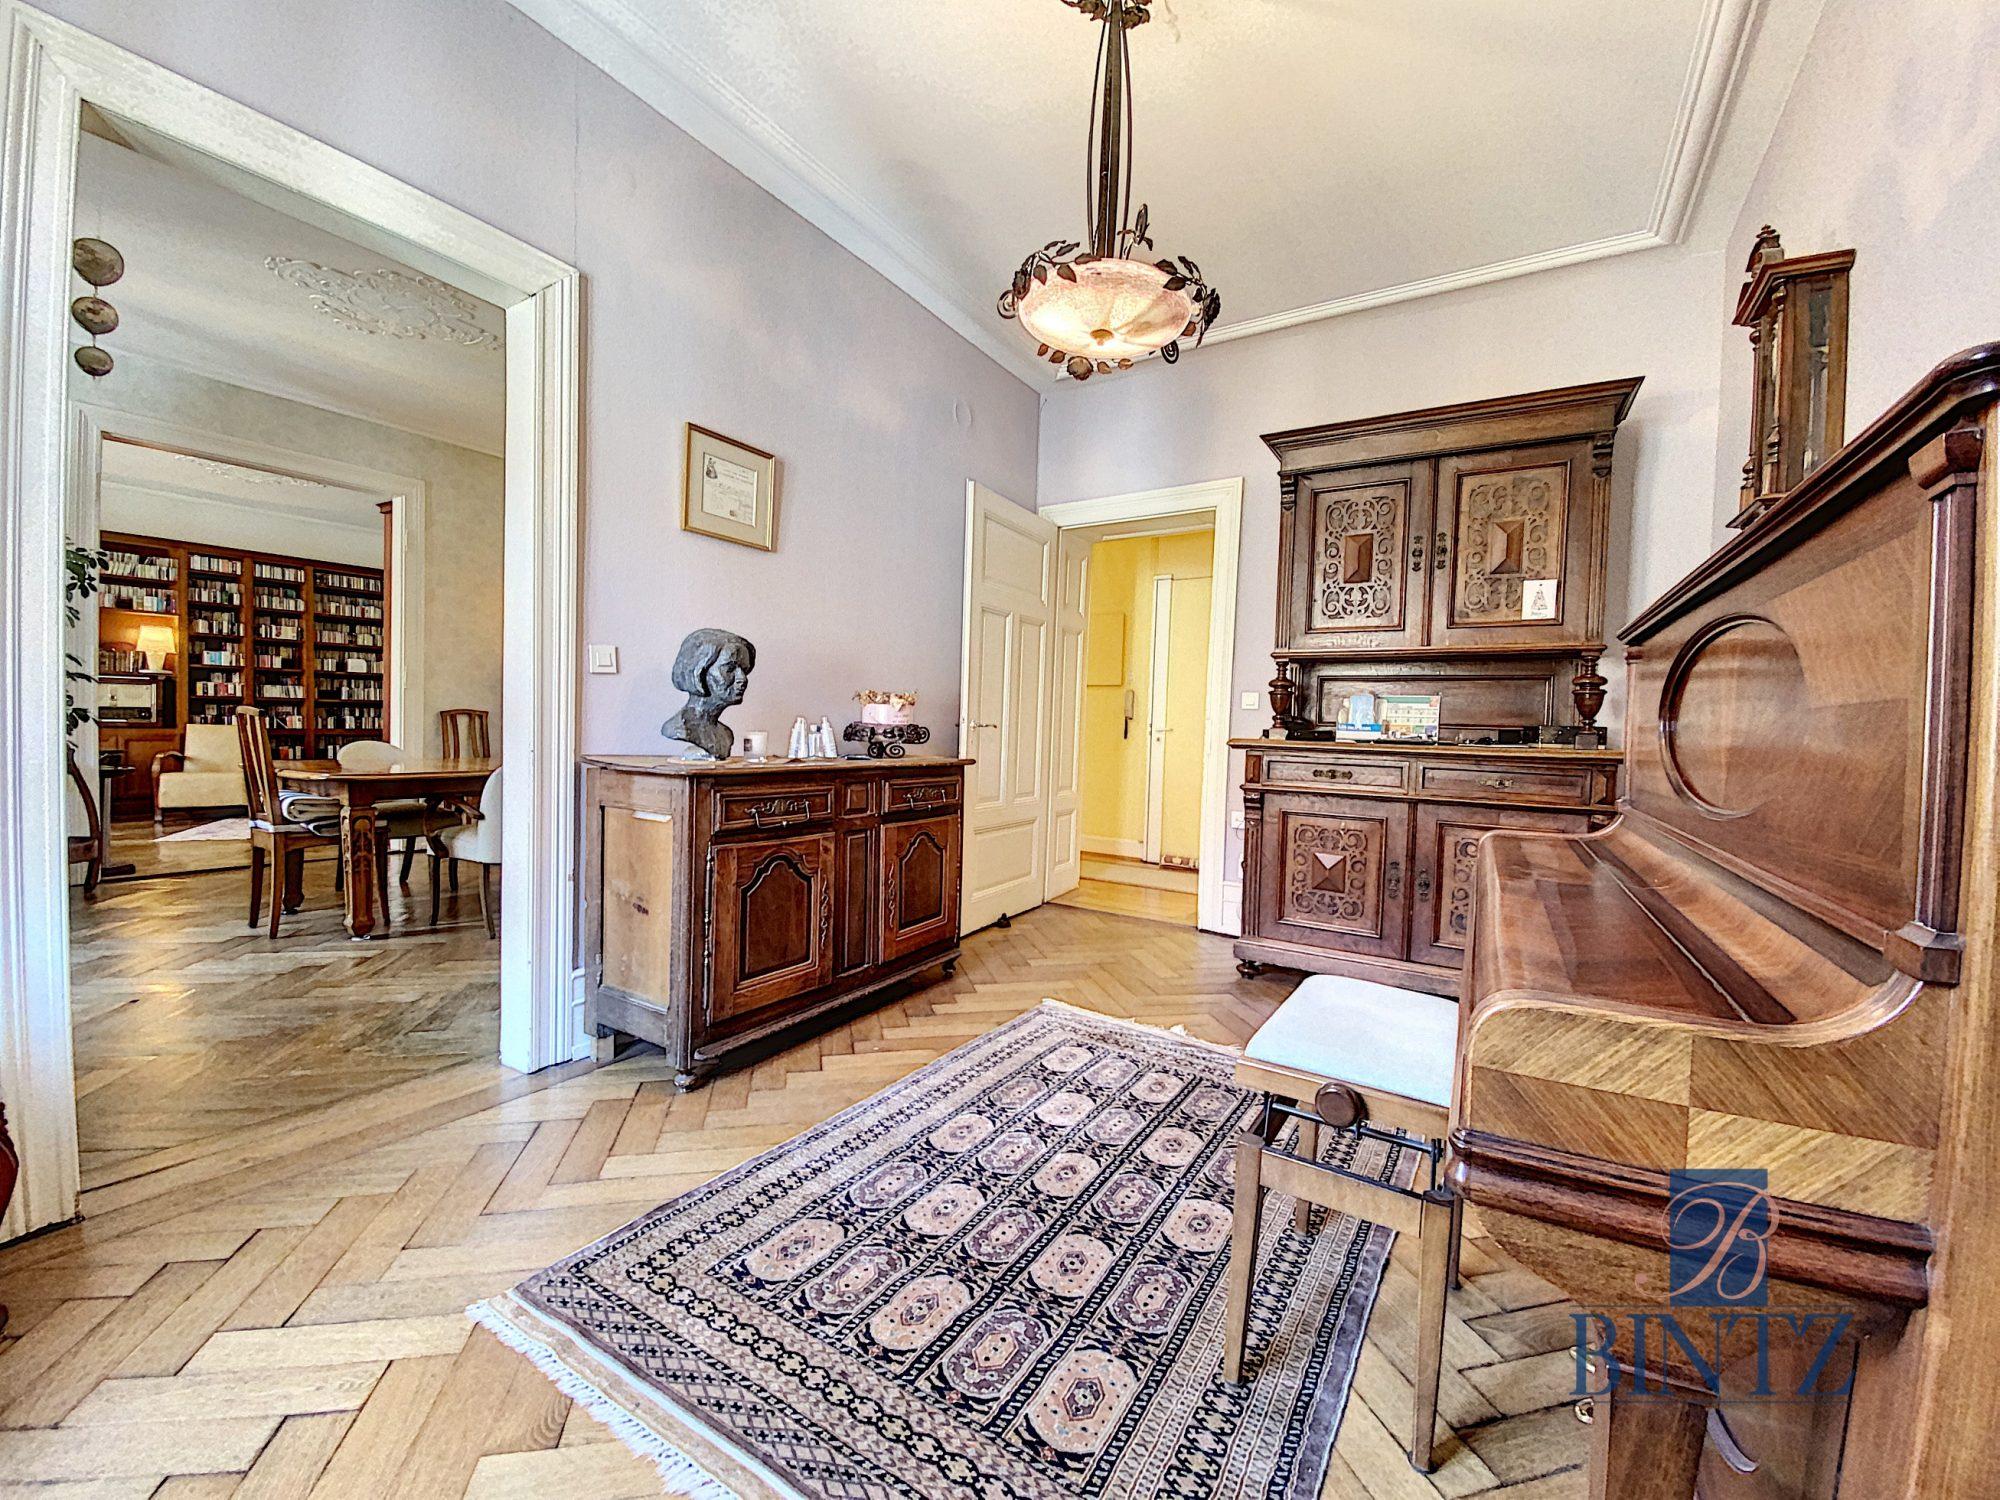 Appartement de 7 pièces – Rue Schwendi - Devenez propriétaire en toute confiance - Bintz Immobilier - 4